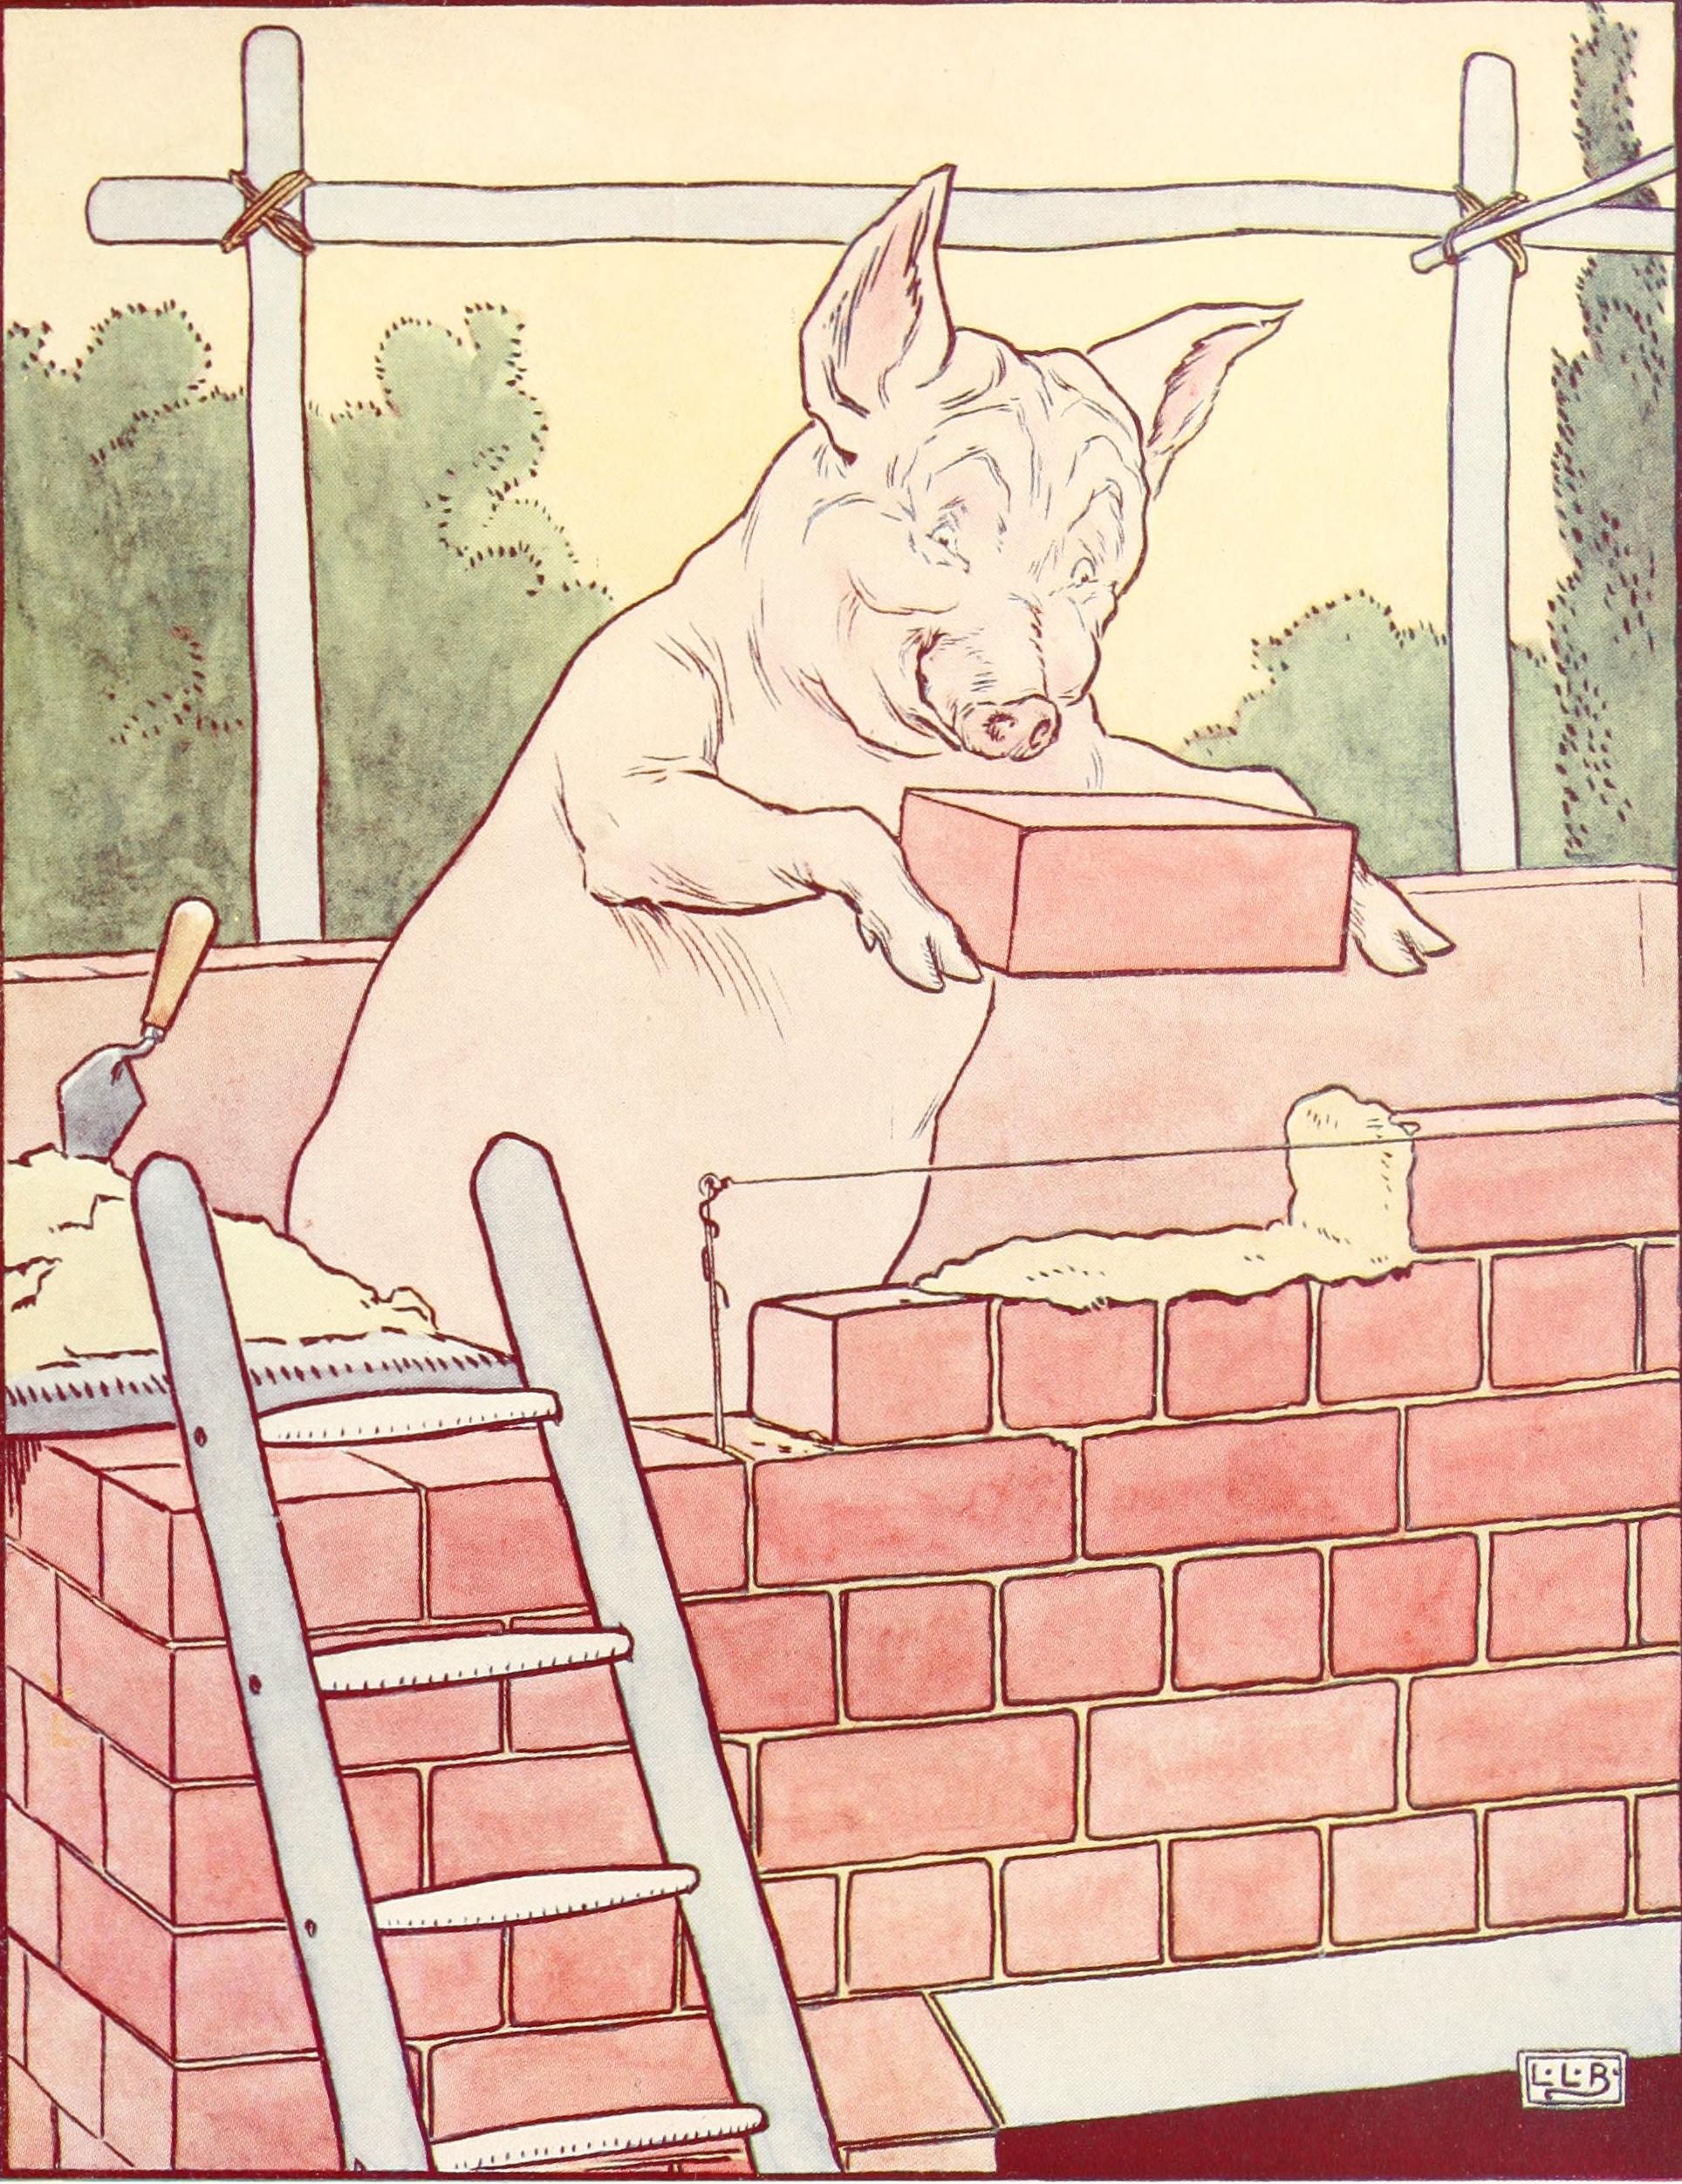 File:Three little pigs - third pig builds a house - Project Gutenberg eText 15661.jpg